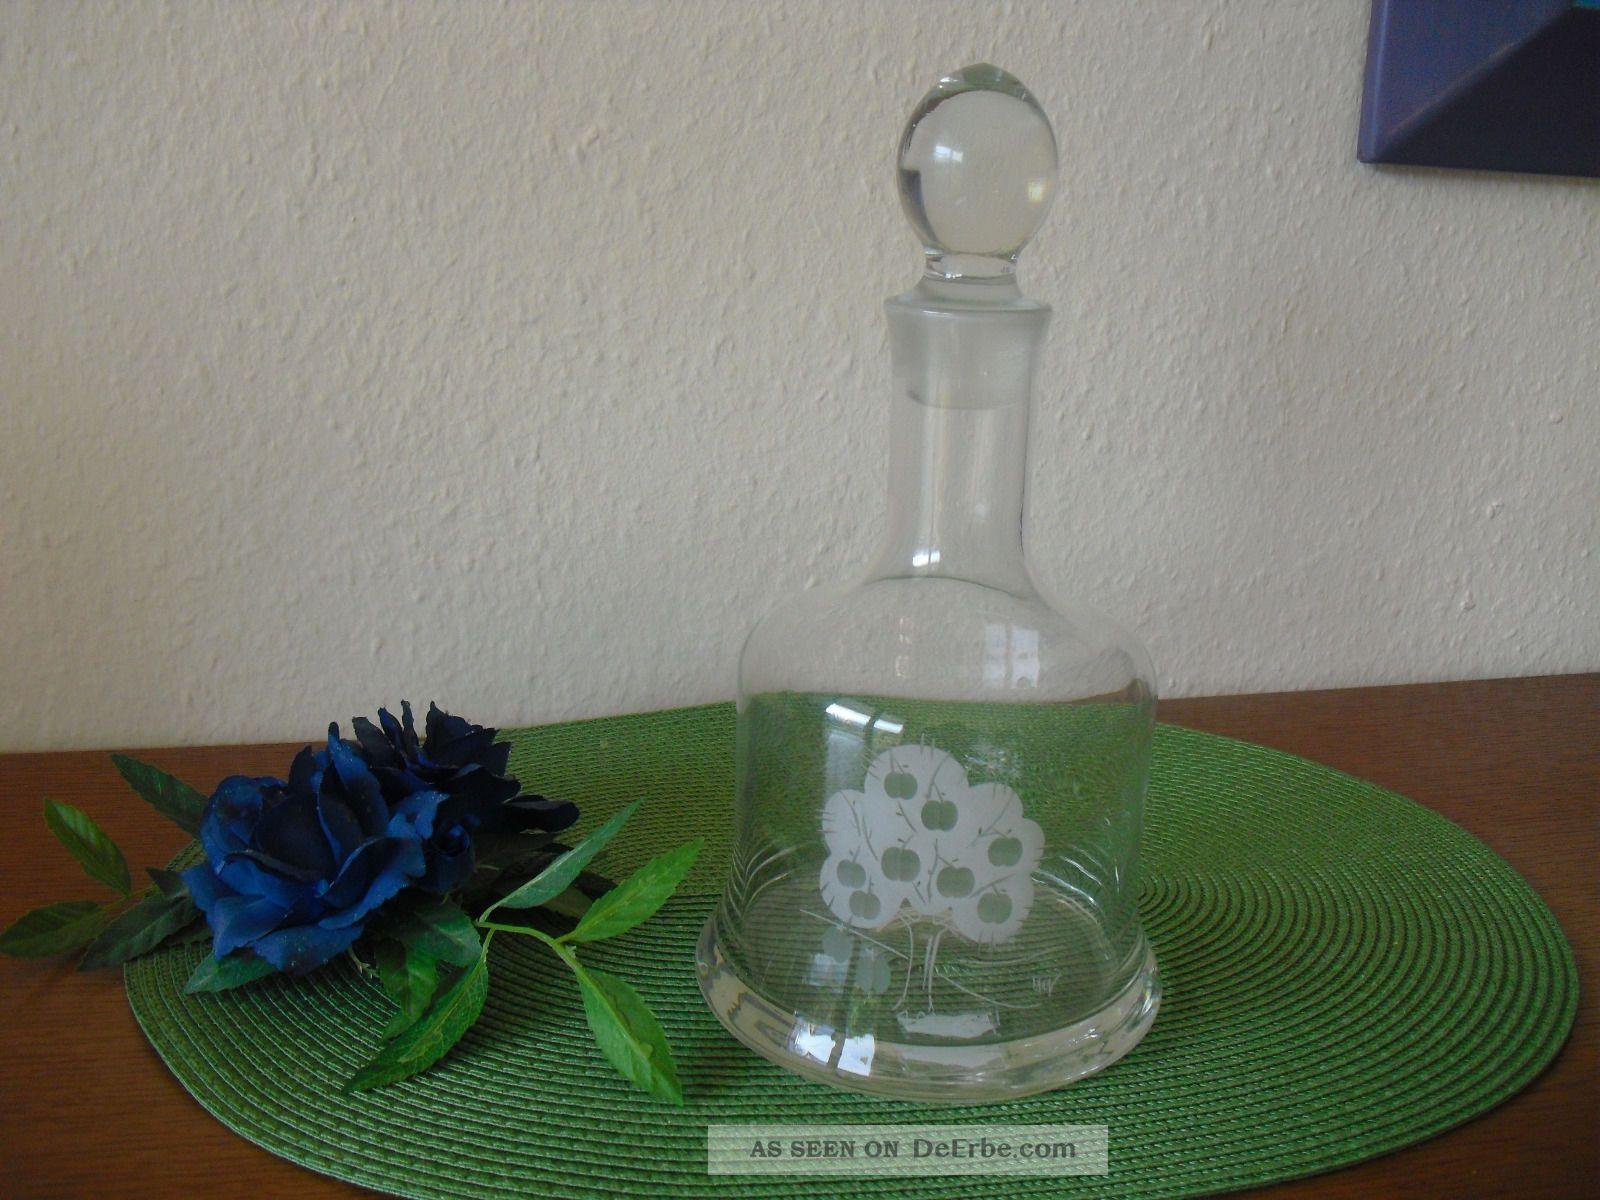 kristall glas karaffe mit graviertem baum aus den 70er jahren vintage. Black Bedroom Furniture Sets. Home Design Ideas